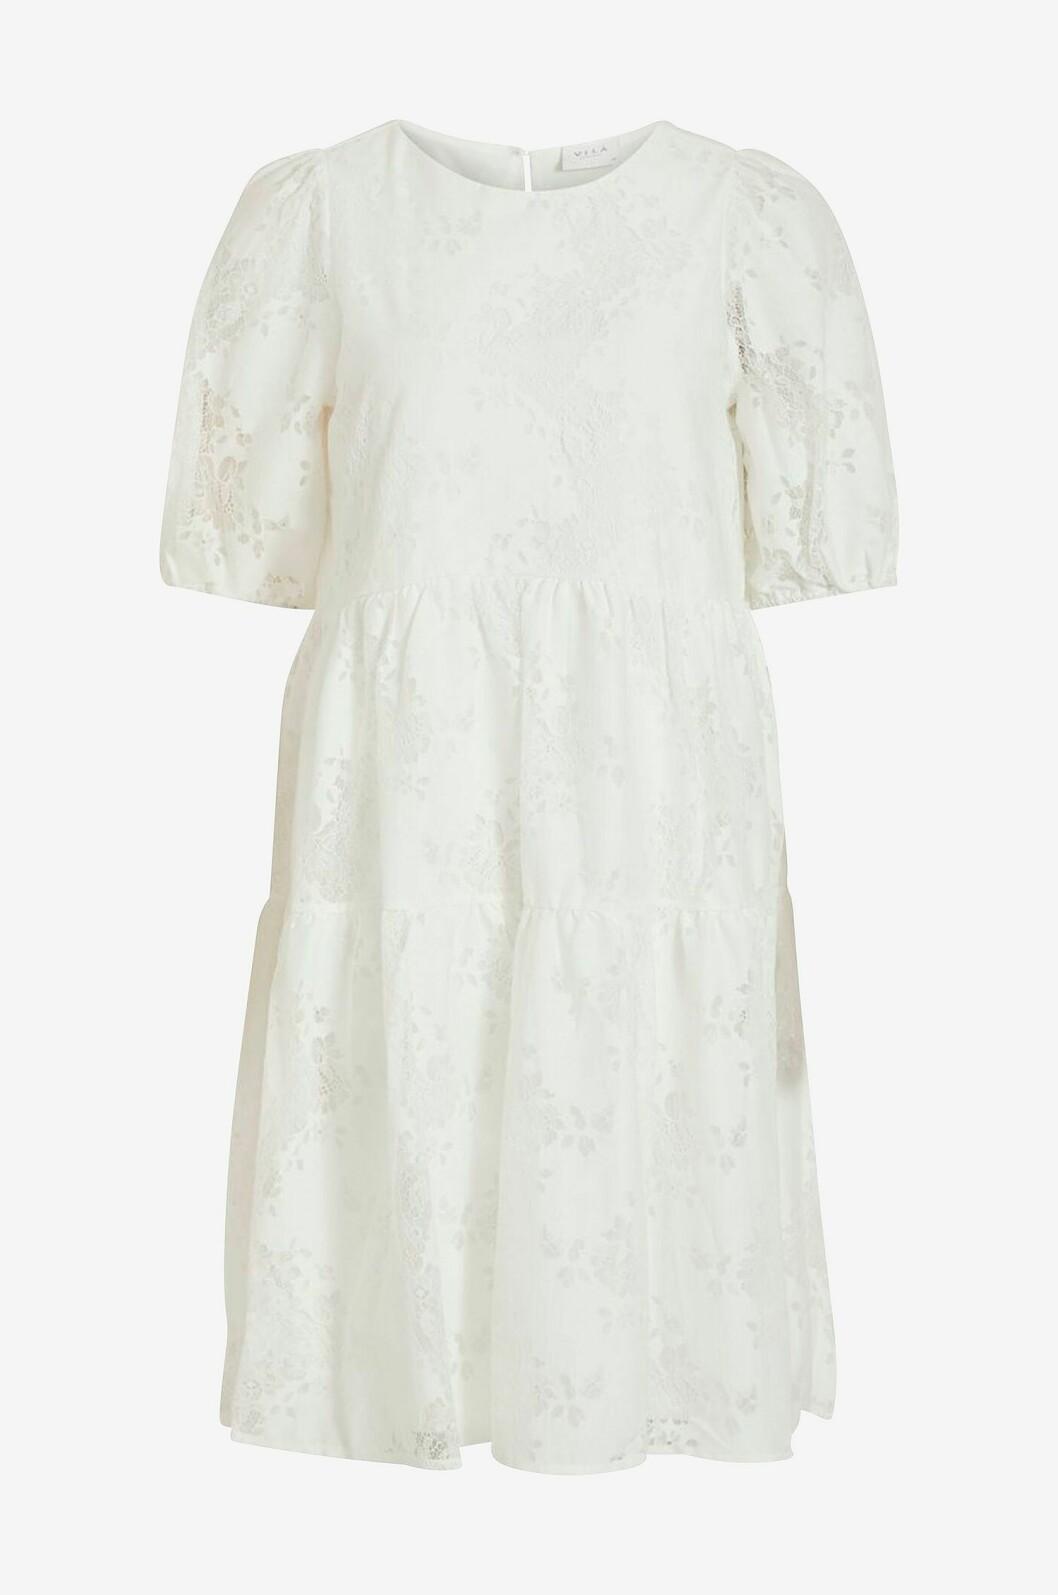 Vit enkel brudklänning med spets och puffärm